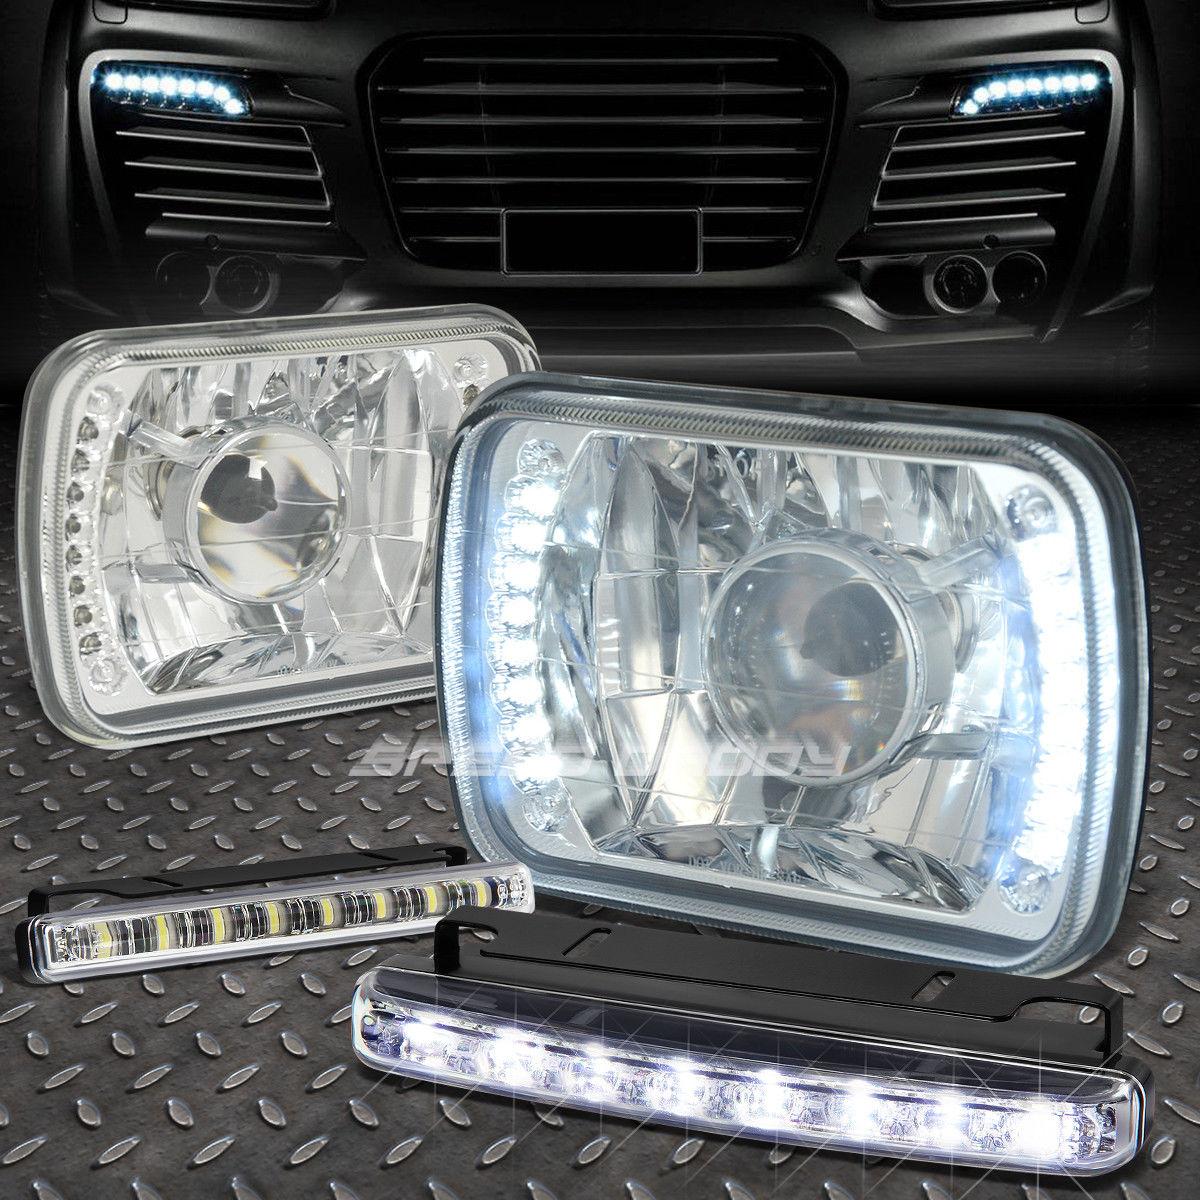 フォグライト 7x6 SQUARE CHROME PROJECTOR GLASS HEADLIGHT+8 LED GRILL FOG LIGHT FOR NISSAN 7x6スクエアクロームプロジェクターガラスヘッドライト+日産用8 LEDグリルフォグライト